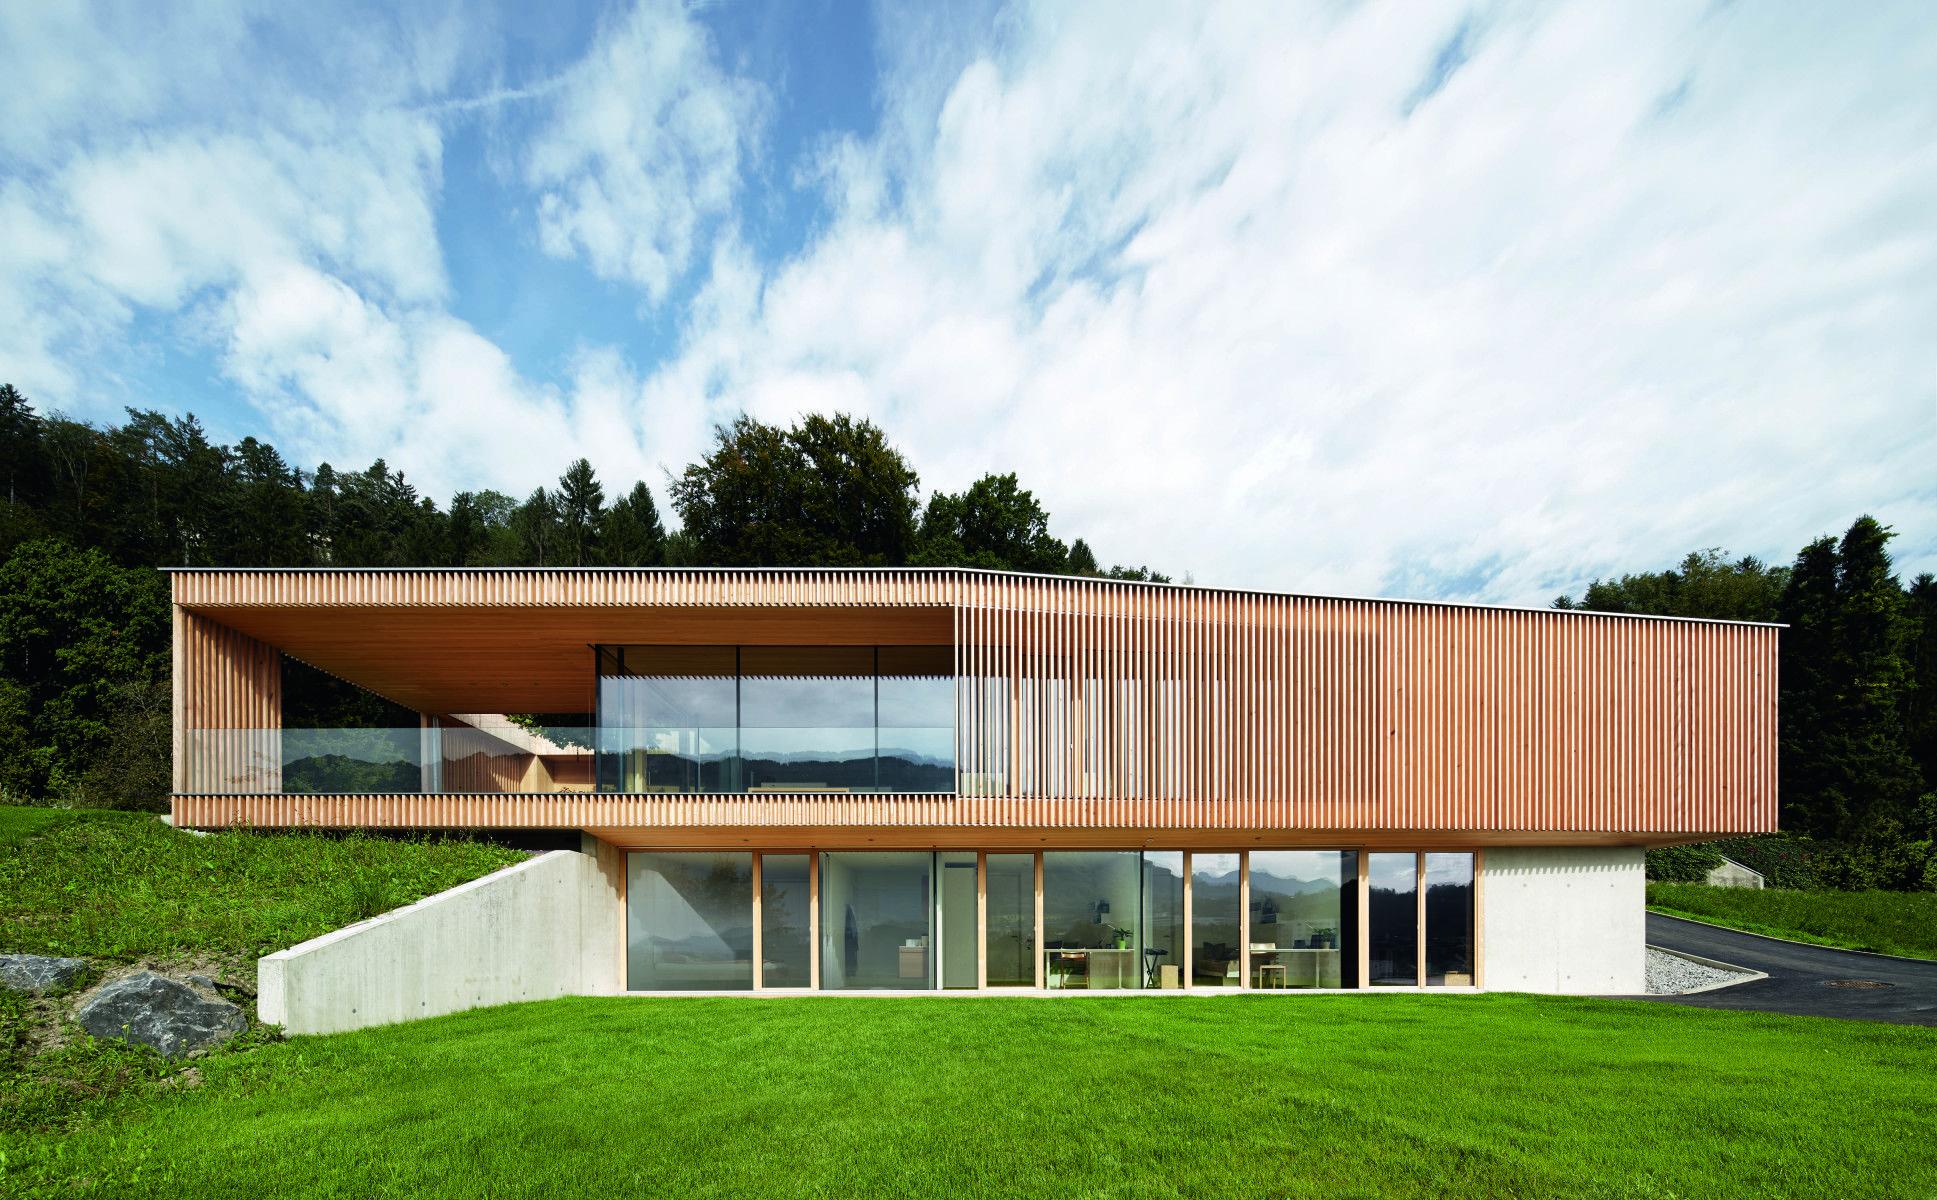 Moderne Architektur Zweigeschossig Holz Beton